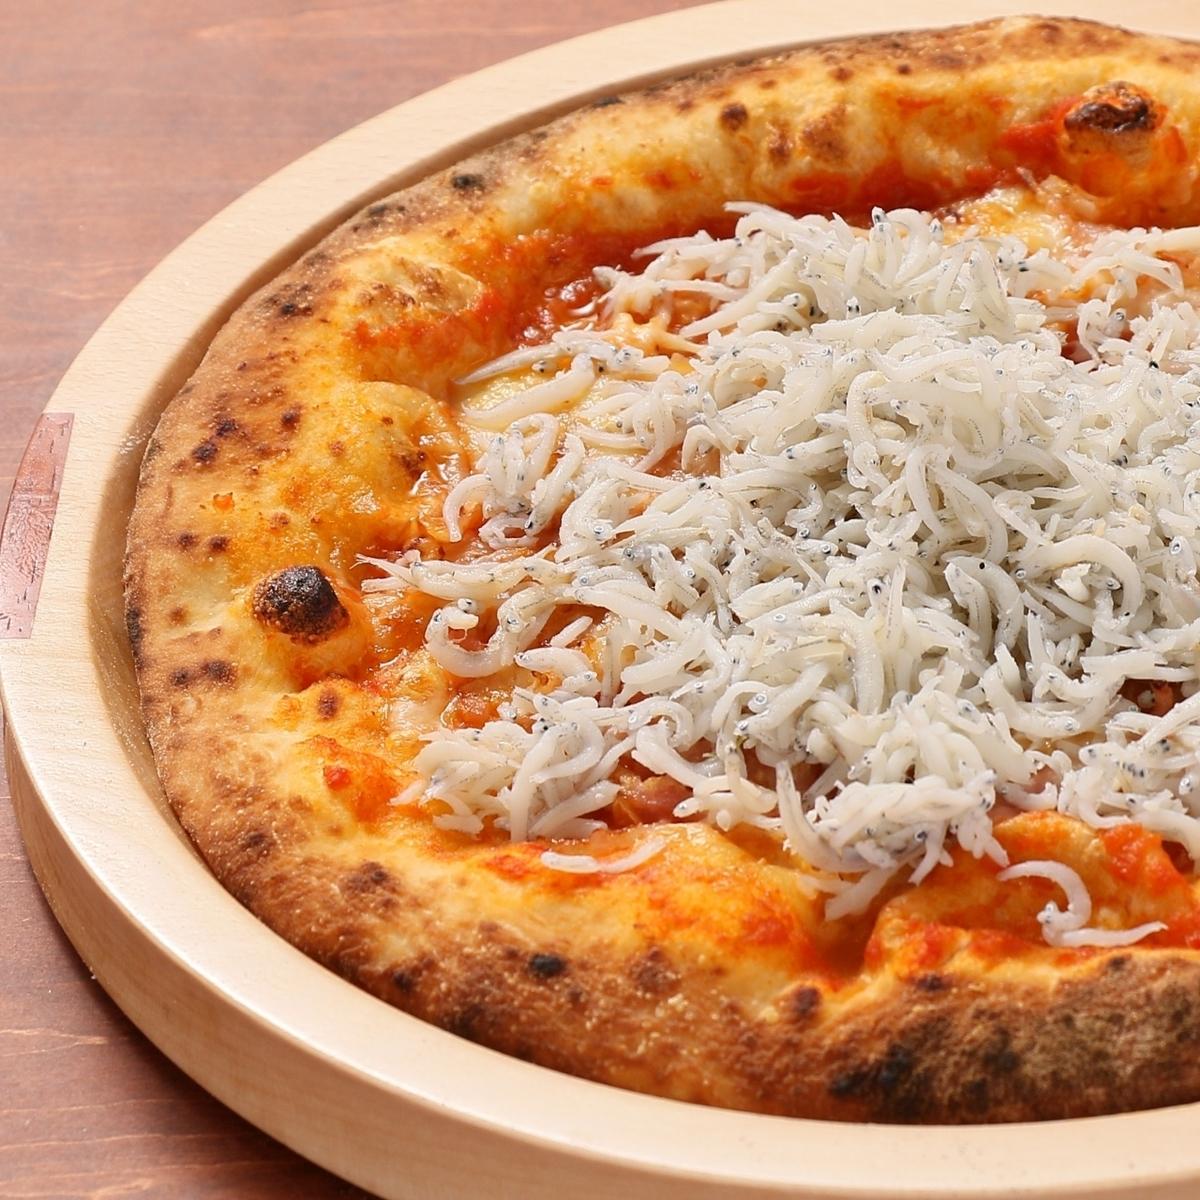 가마 아게 멸치와 모짜렐라 치즈 피자